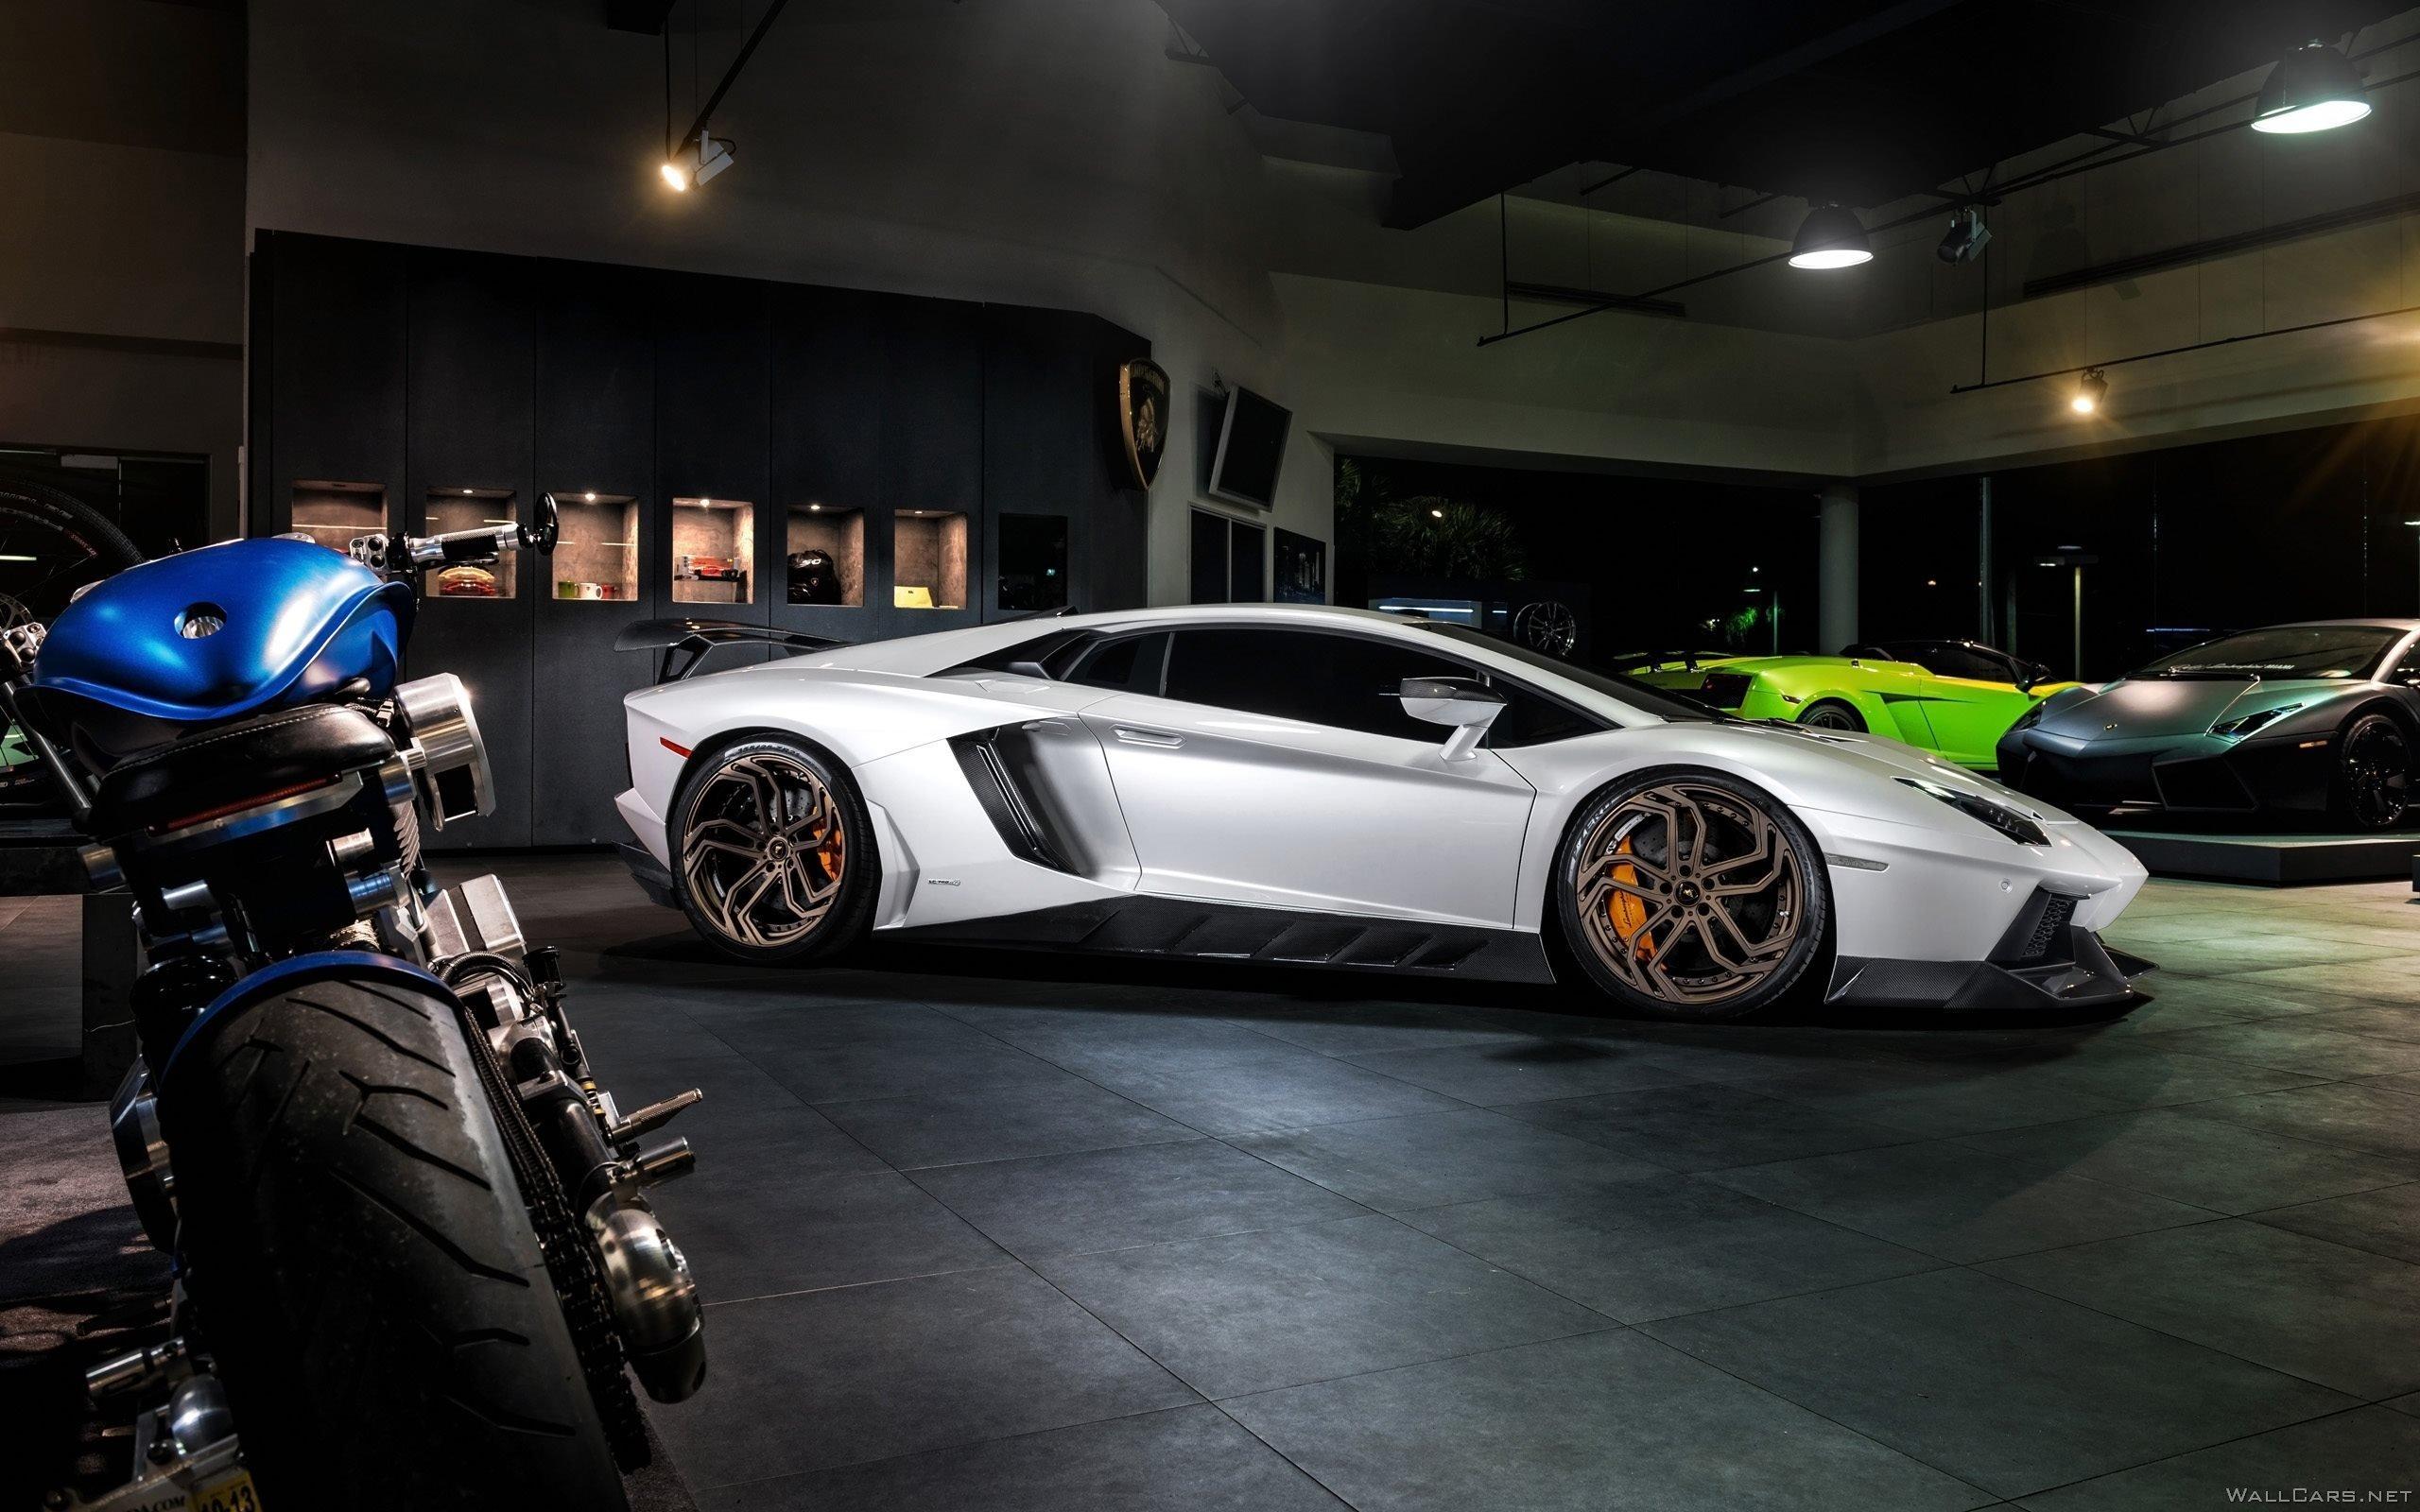 Wallpaper Amazing Convertible Cars Lamborghini And Bike Hd Cars 4k Wallpapers Images